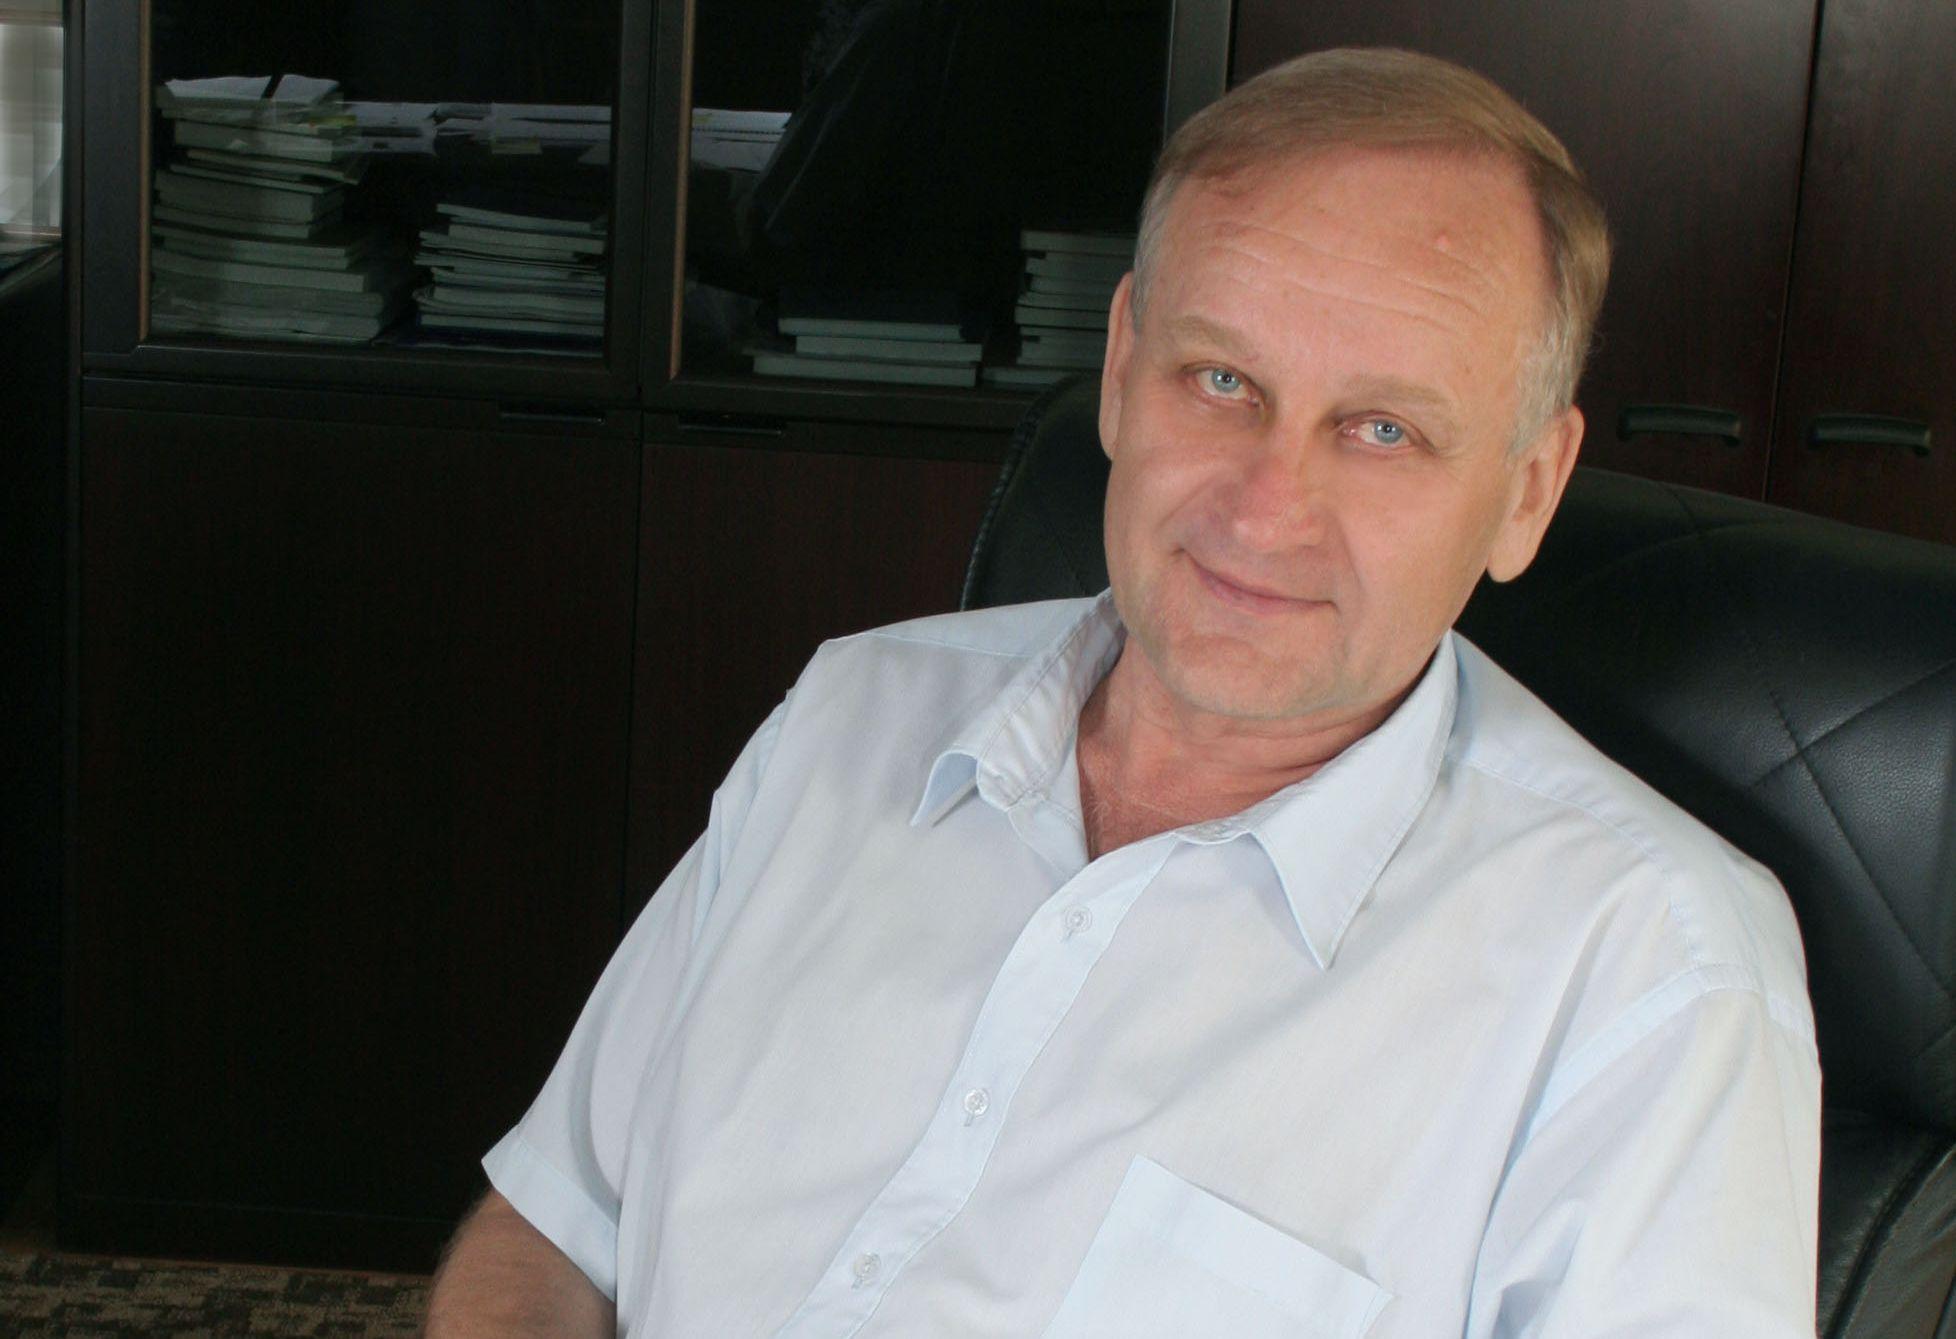 Коллектив ВГУЭС поздравляет с днем рождения президента университета Геннадия Лазарева